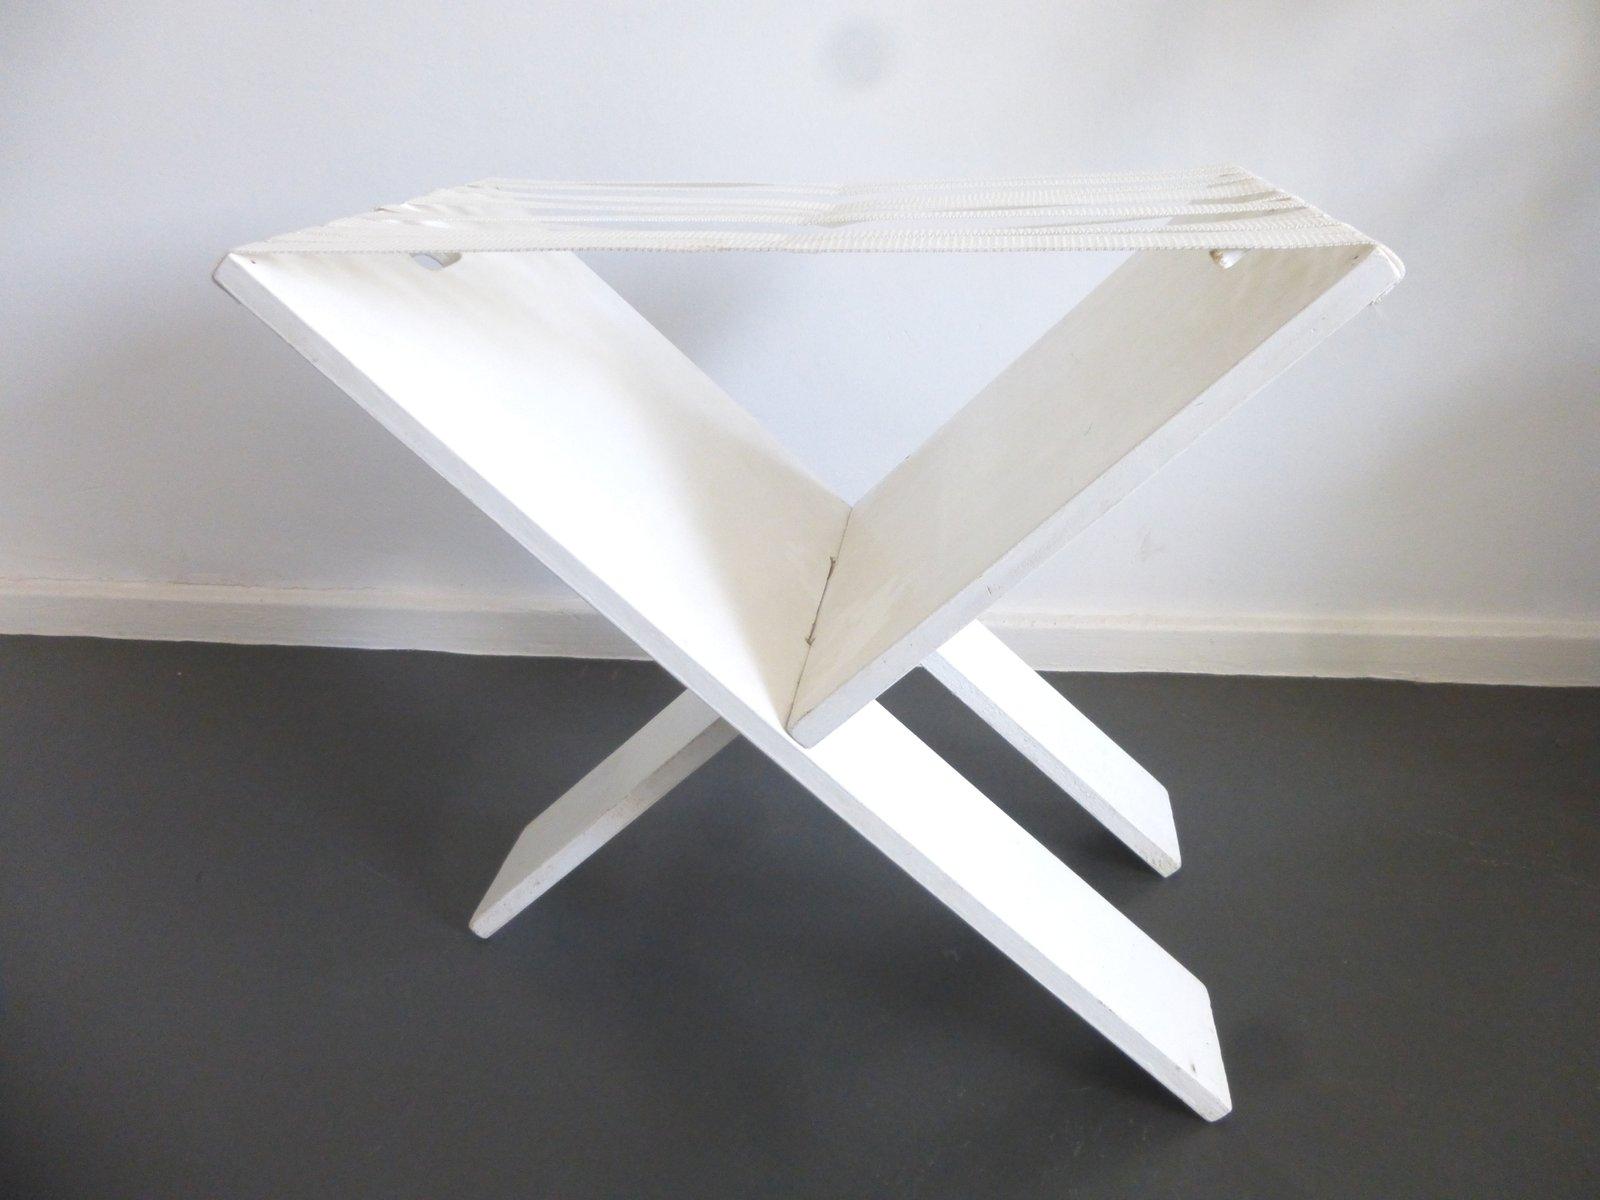 Vintage Bauhaus Folding Stool For Sale At Pamono